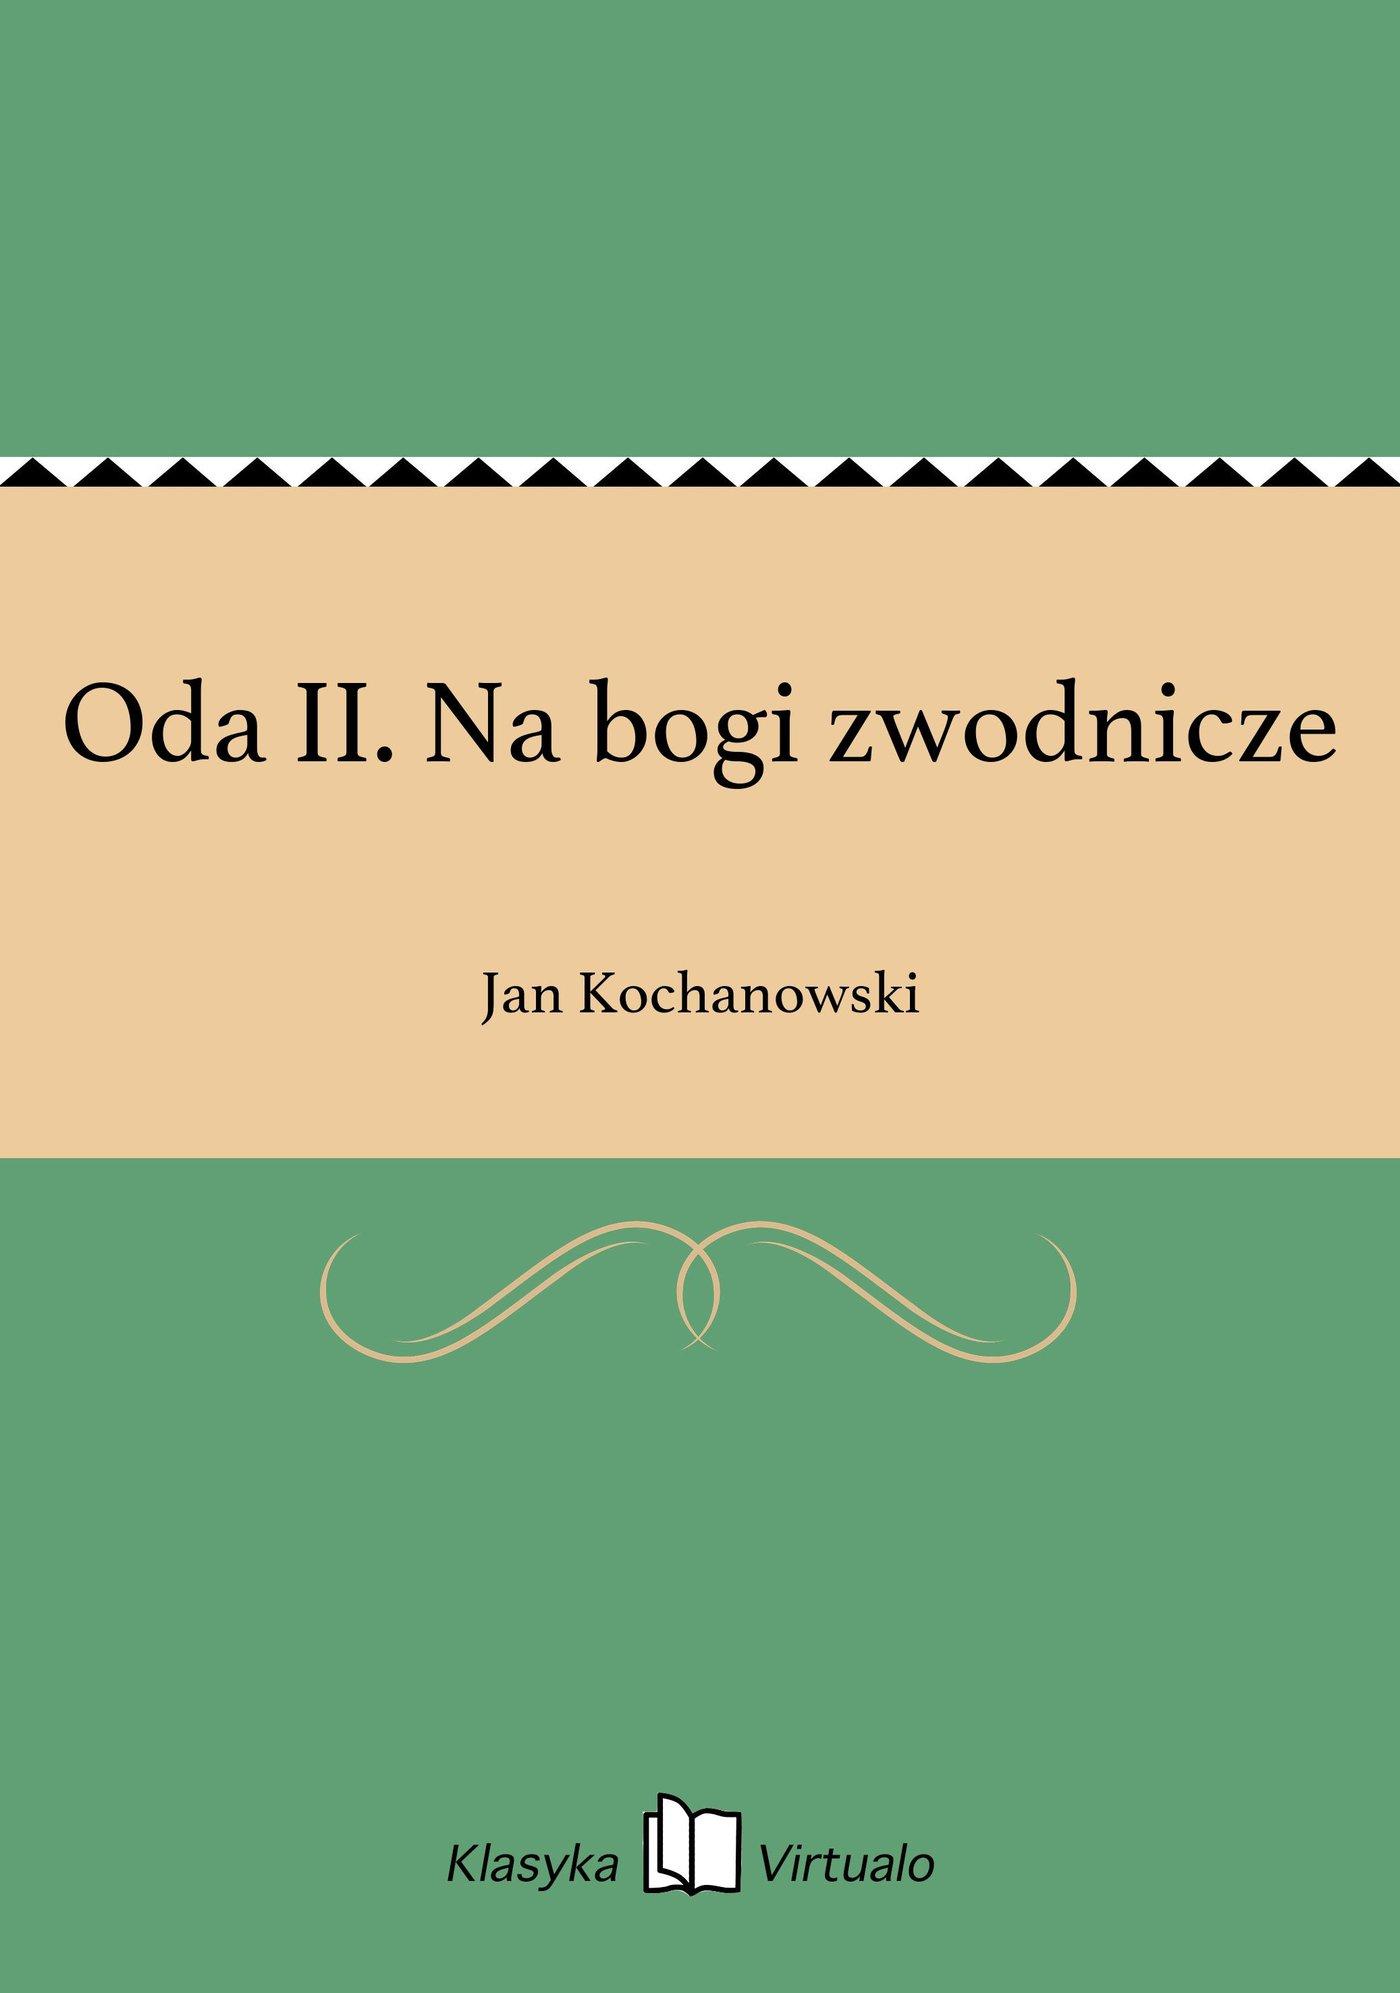 Oda II. Na bogi zwodnicze - Ebook (Książka EPUB) do pobrania w formacie EPUB